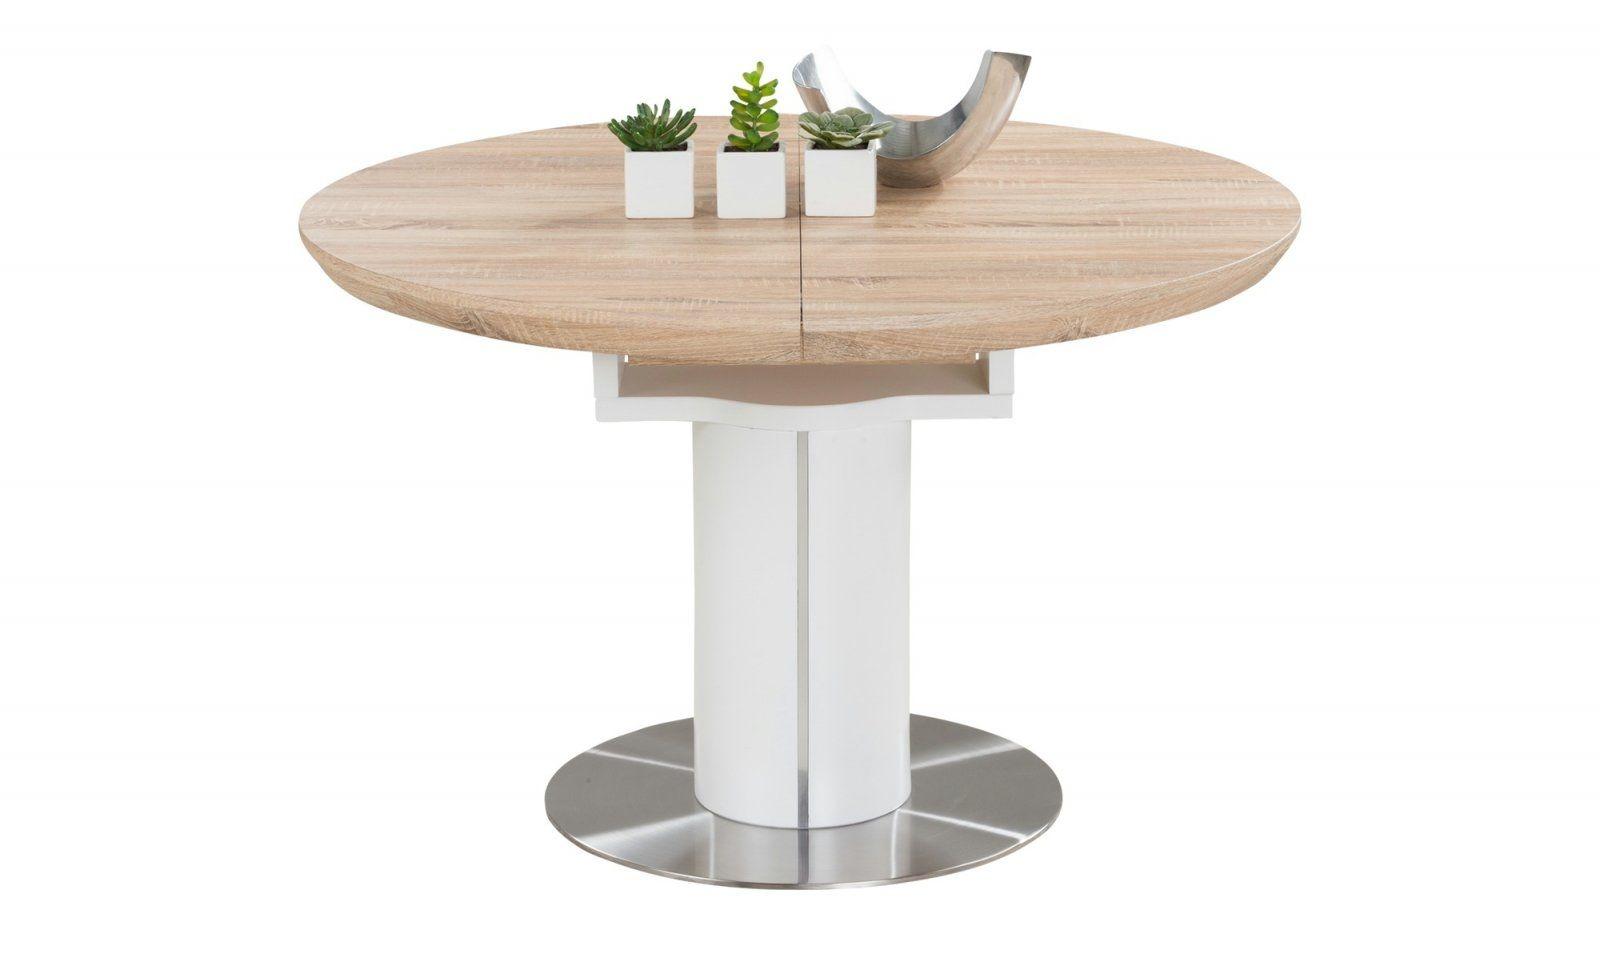 Tisch Rund Ausziehbar Weiss Da Obwohl Sie Nicht Wissen Jedes Ding